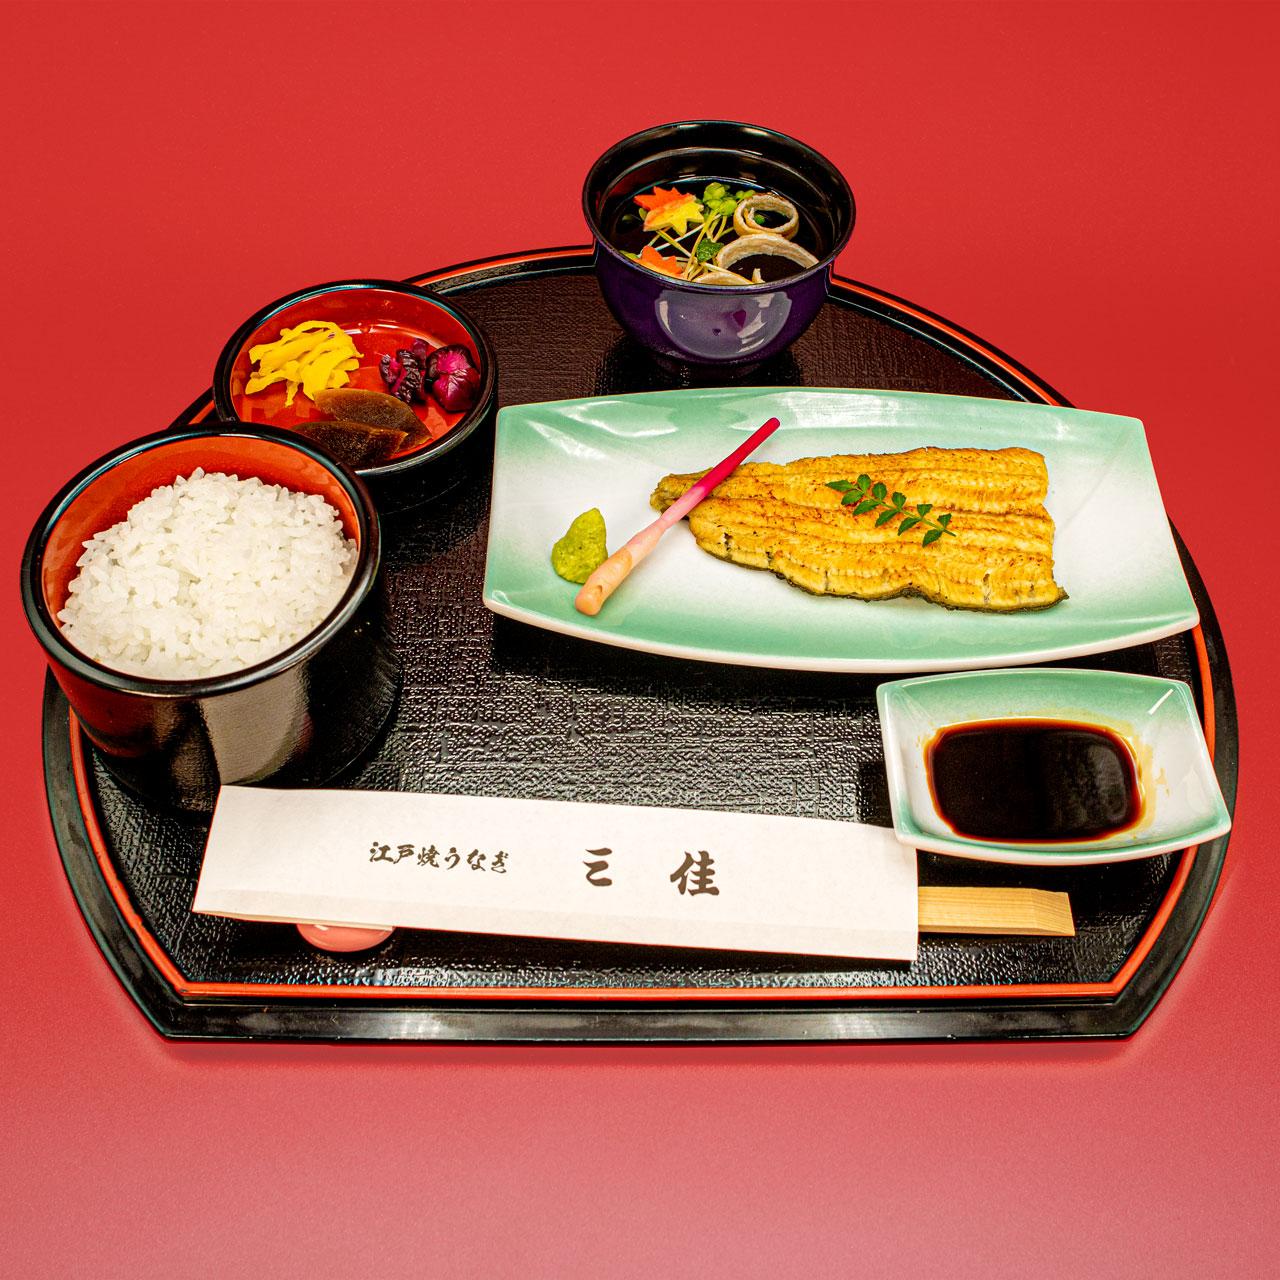 白焼ハーフ(きも吸・ご飯付き)2,450円